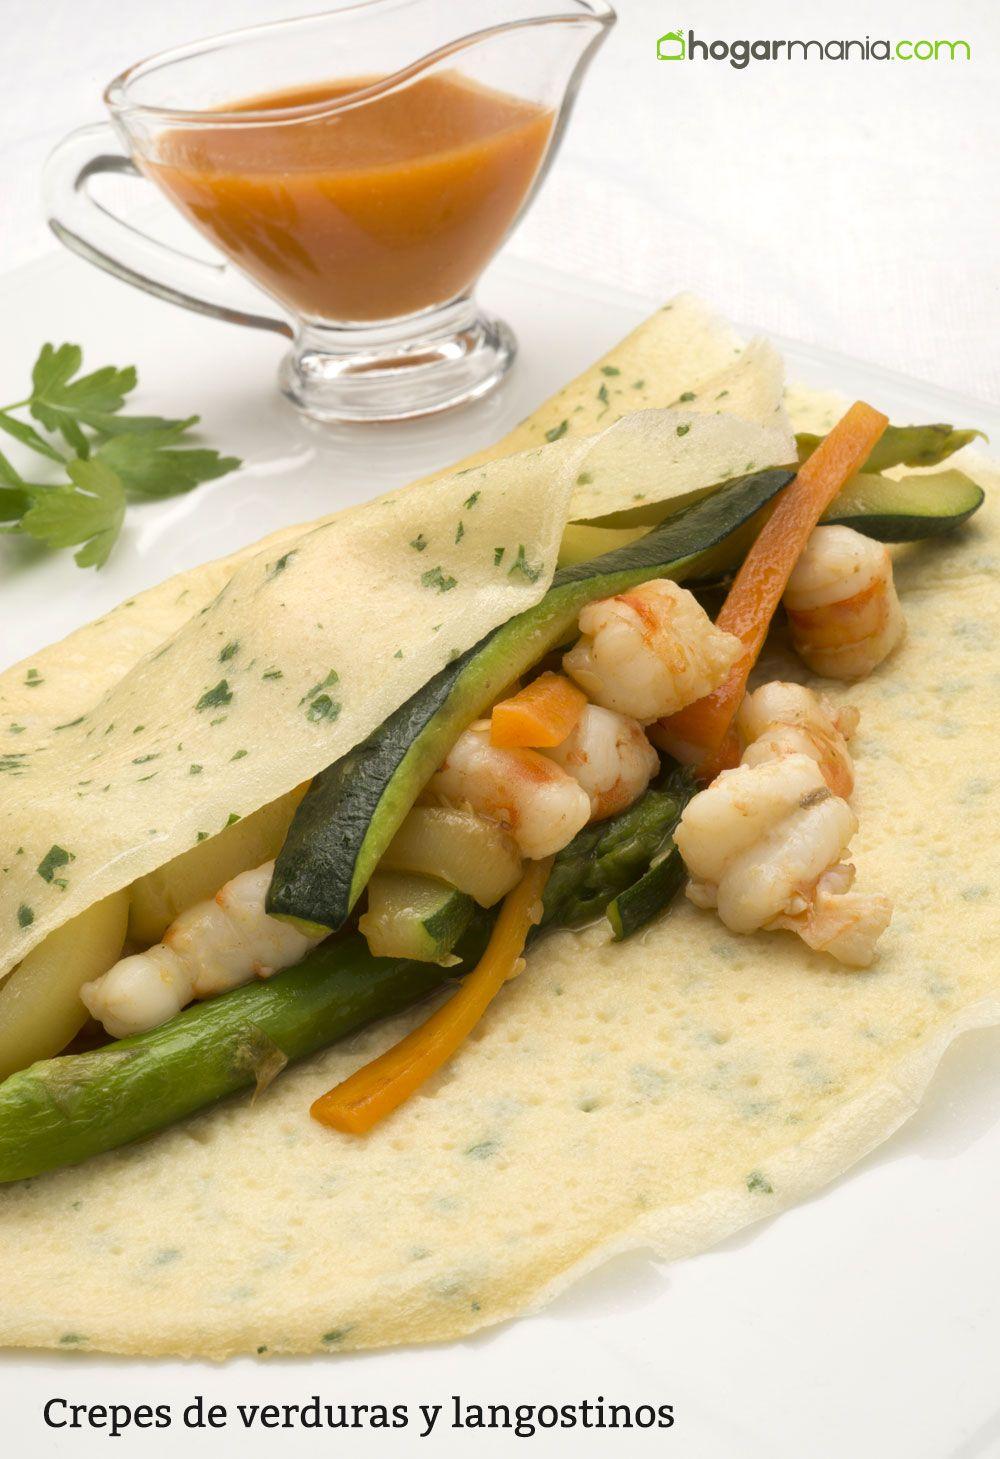 Crepes de verduras y langostinos